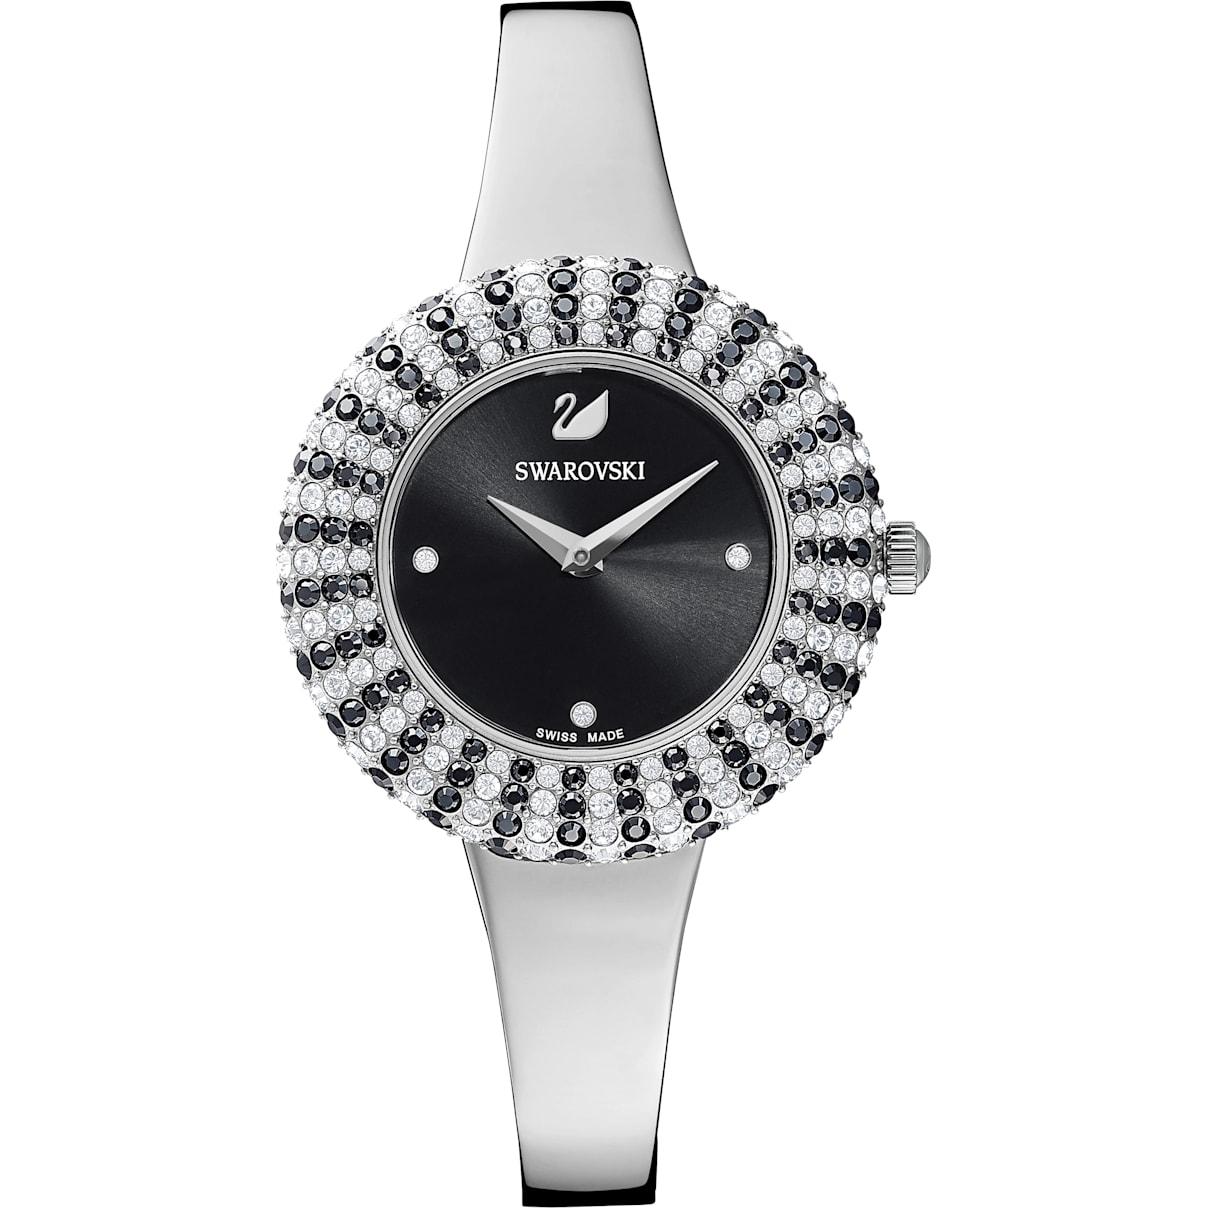 Swarovski Crystal Rose Watch, Metal Bracelet, Black, Stainless Steel